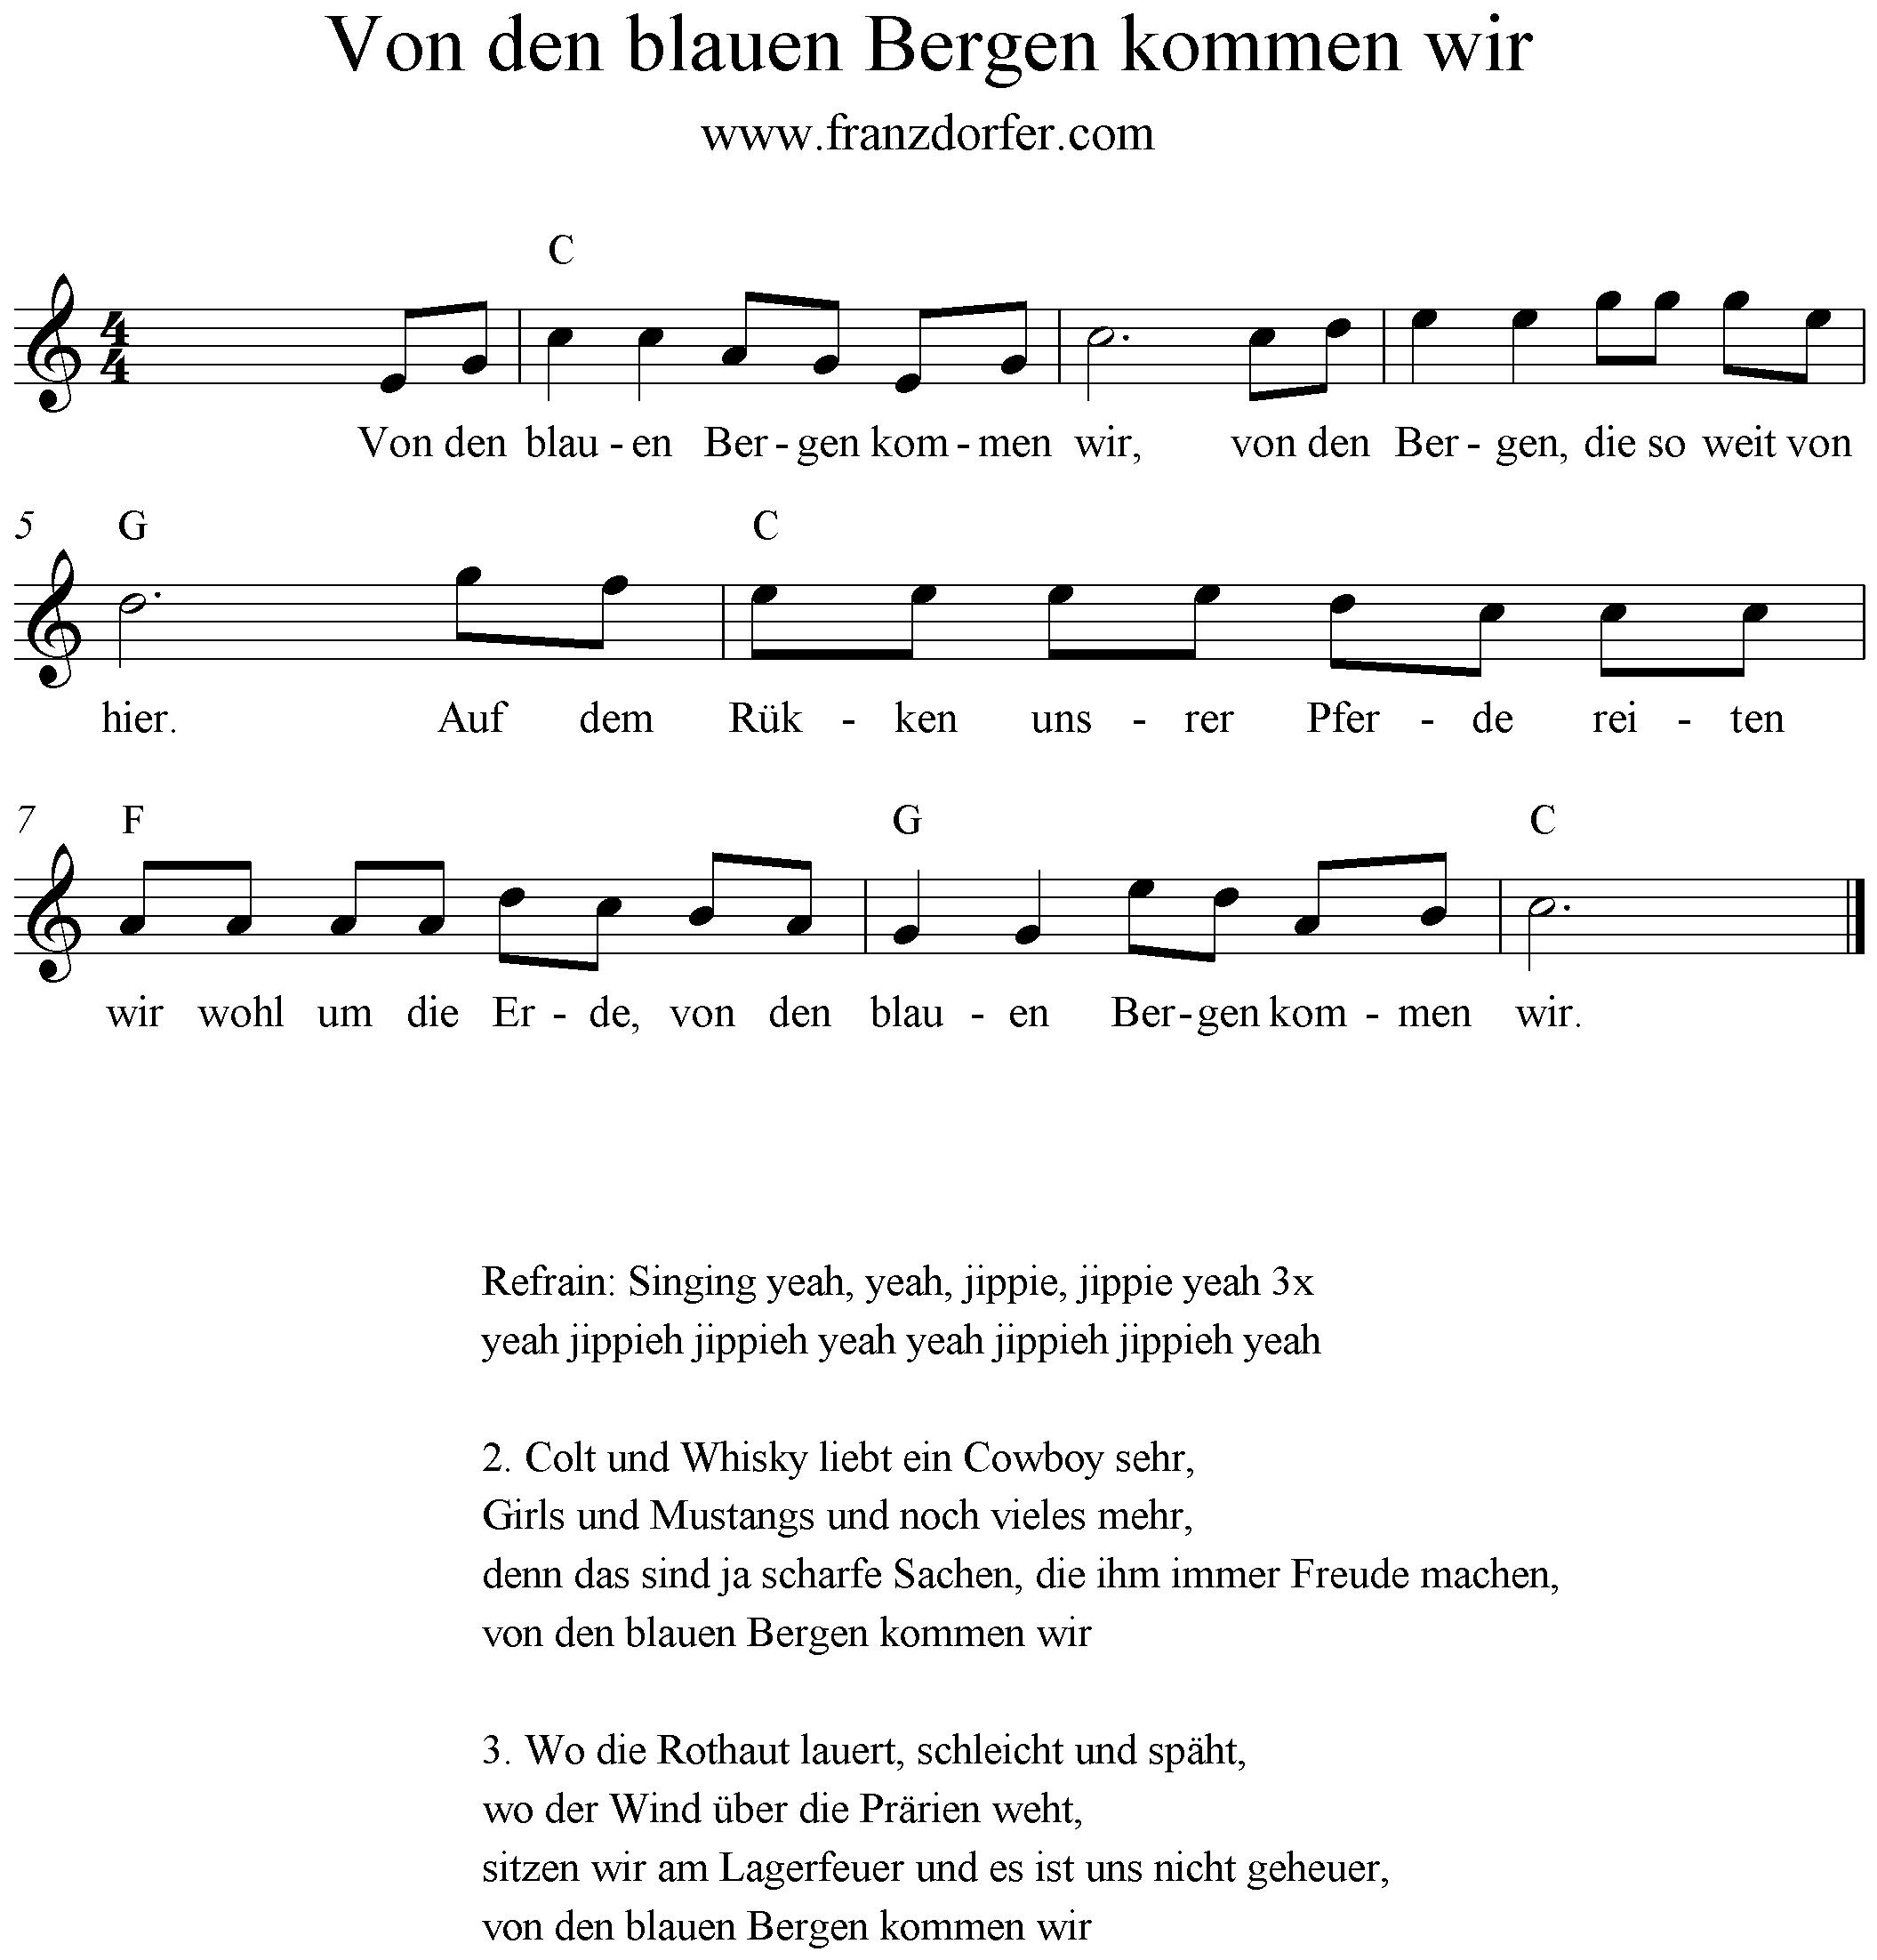 Noten, Blockflöte, C-Dur, Von den blauen Bergen